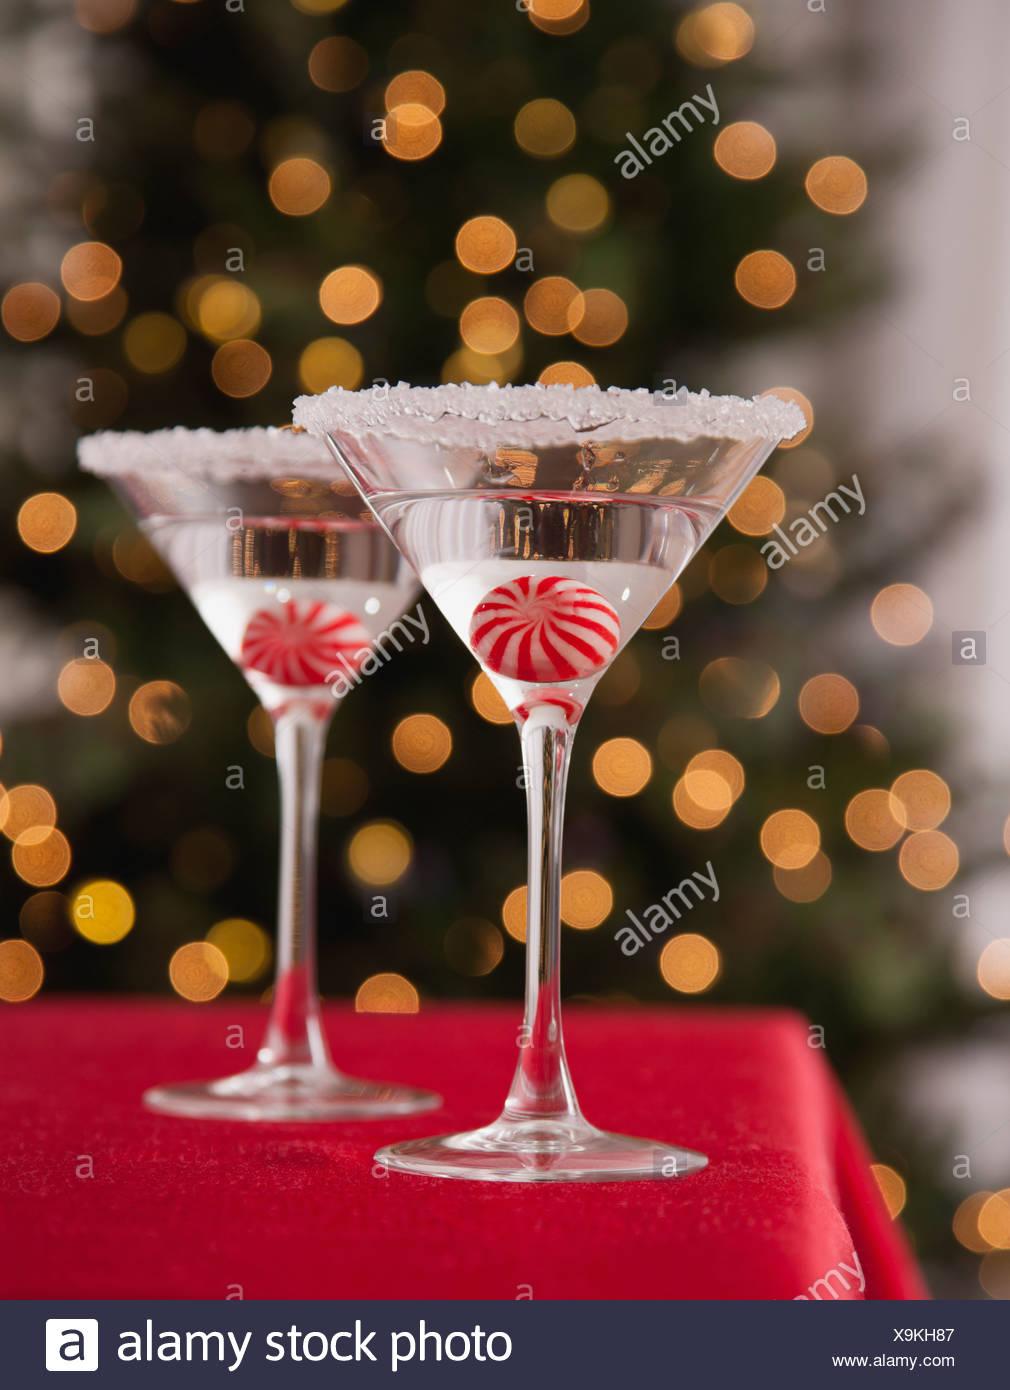 Stati Uniti d'America, Illinois, Metamora, bicchieri da Martini con caramelle all'interno contro illuminato albero di Natale Immagini Stock